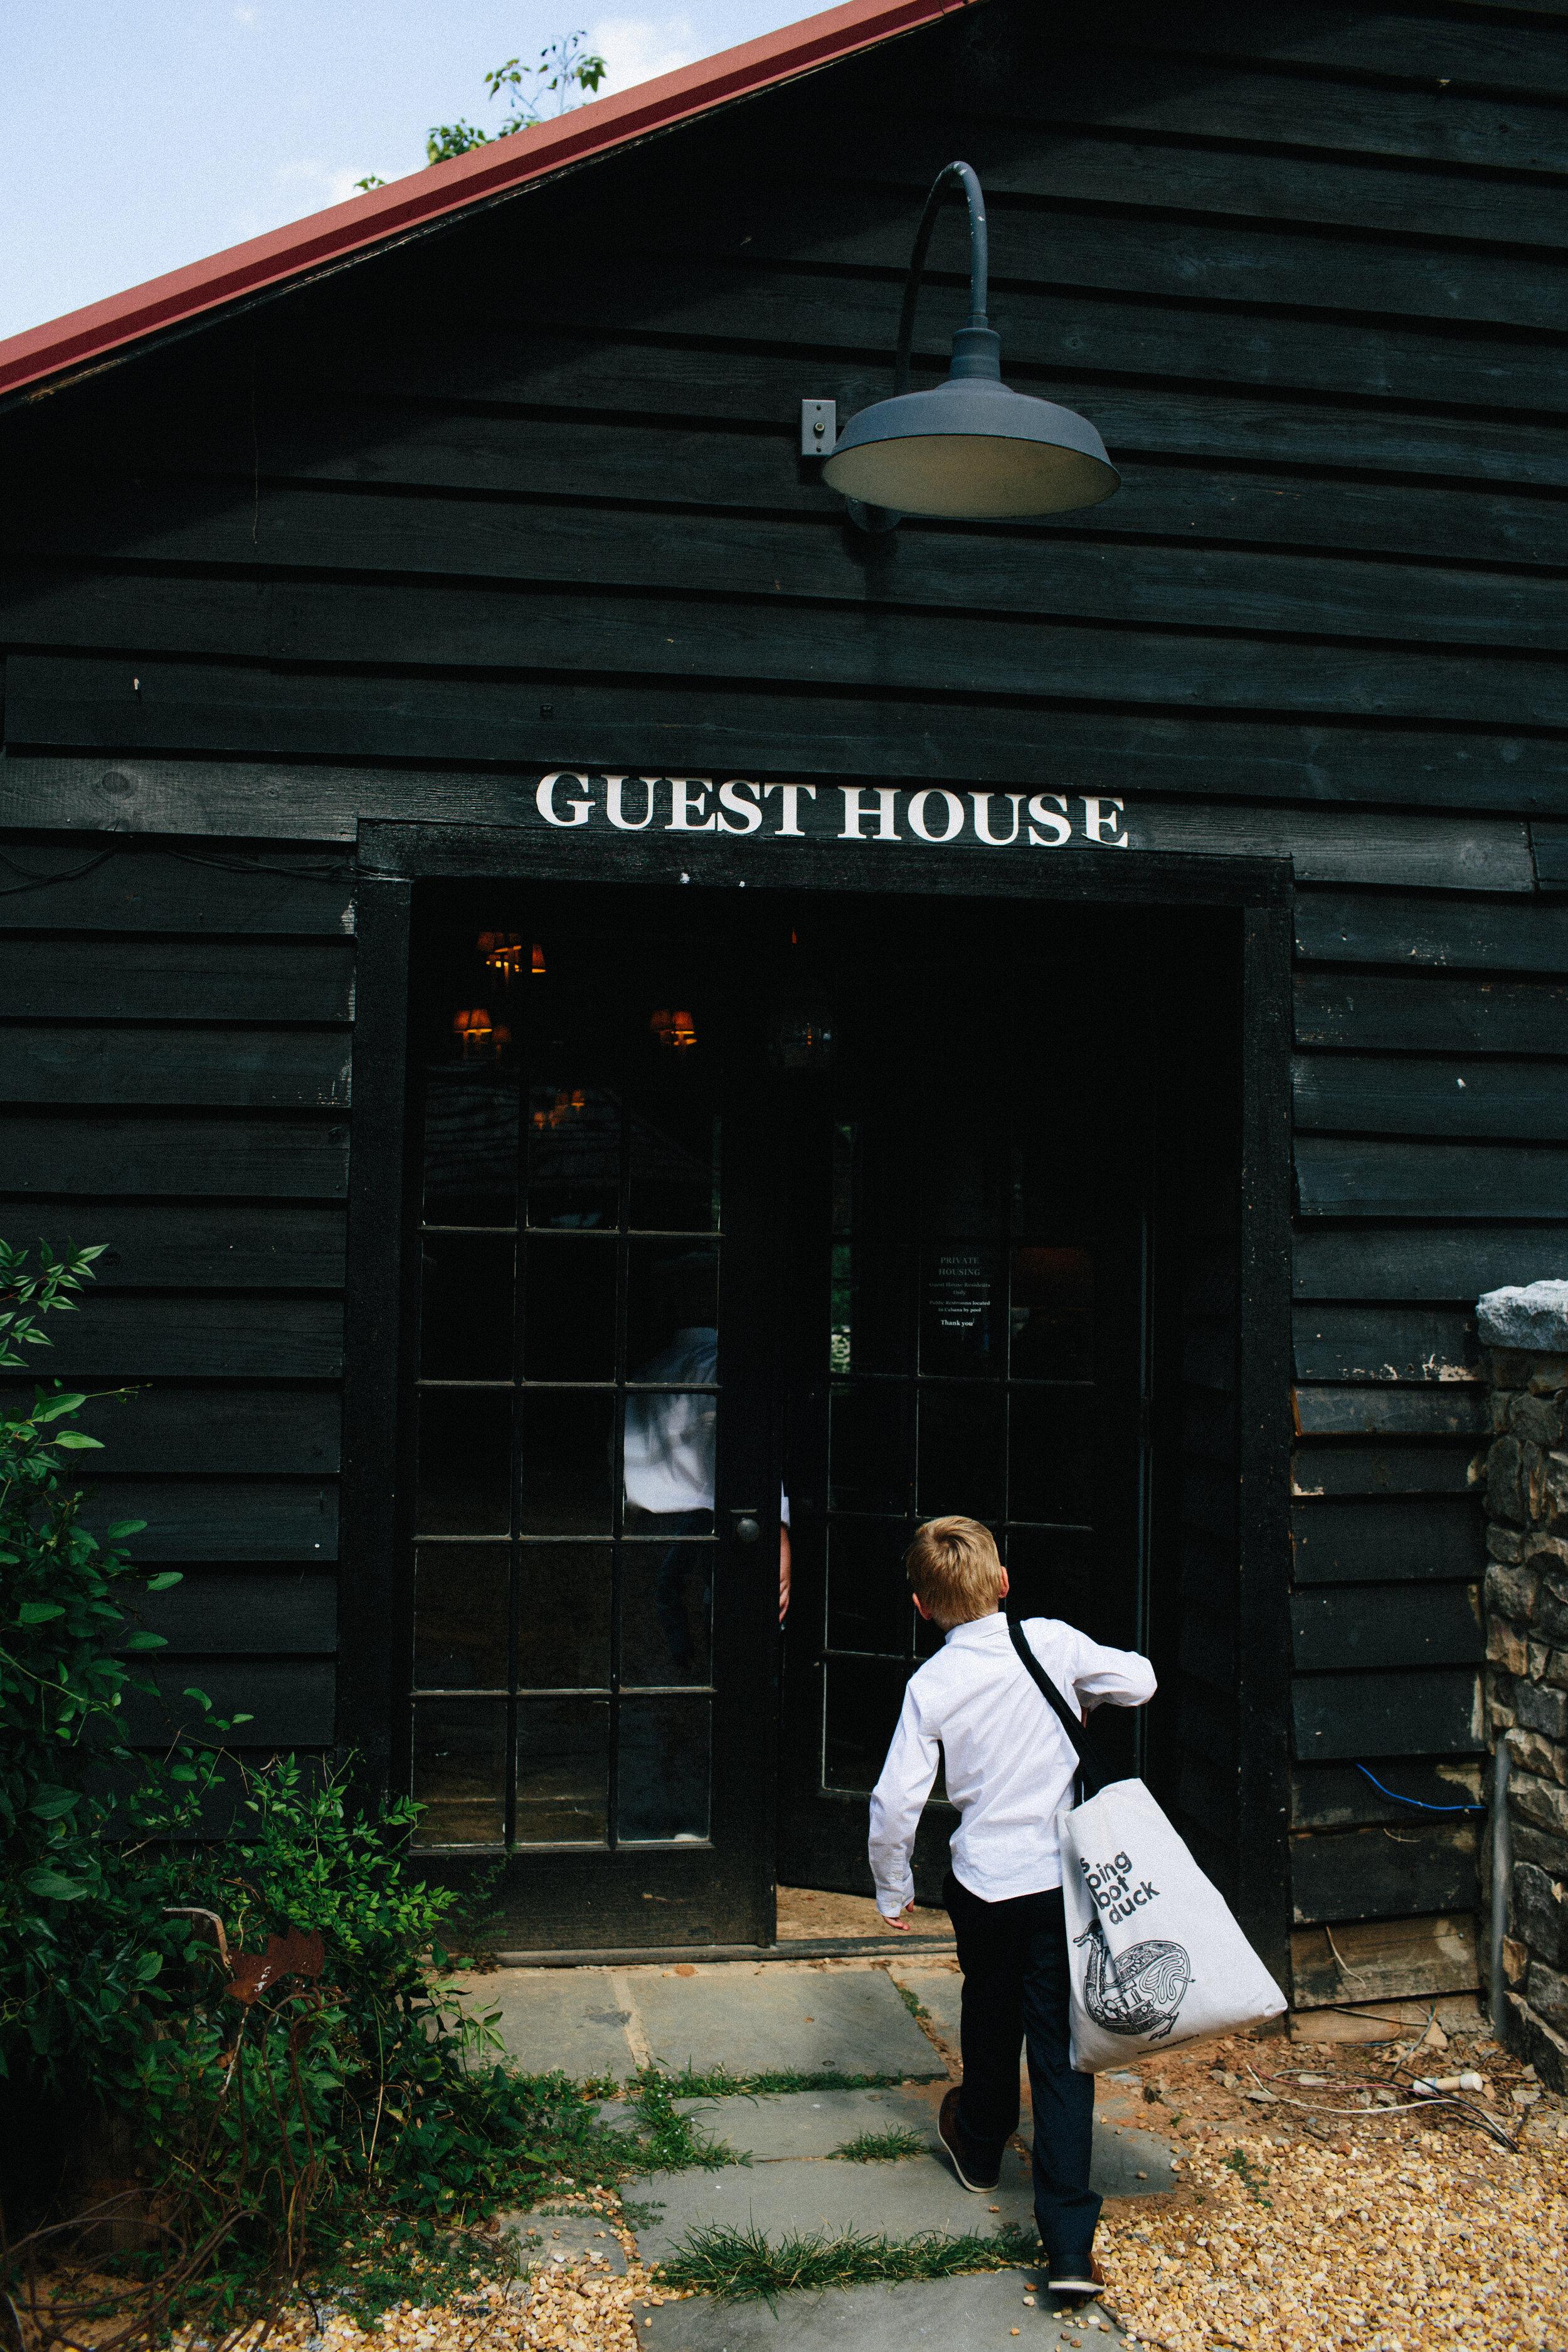 serenbe_forest_summer_wedding_farmhouse_guest_house_garden_1143.jpg